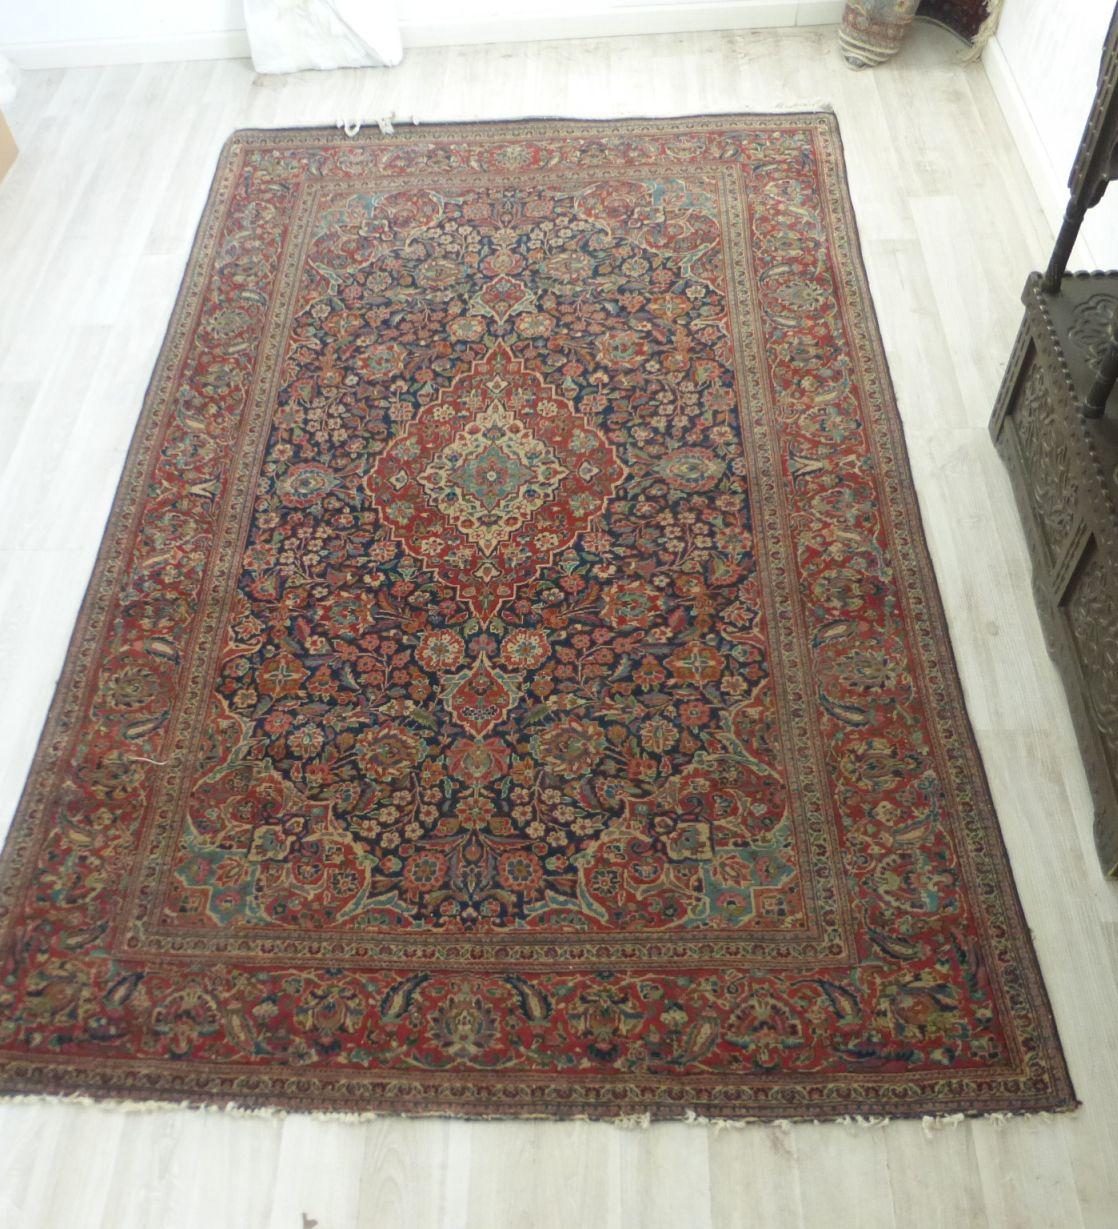 שטיח פרסי עתיק עבודת יד, קאשאן, דוגמת פרחים עם מדליון, 208X132